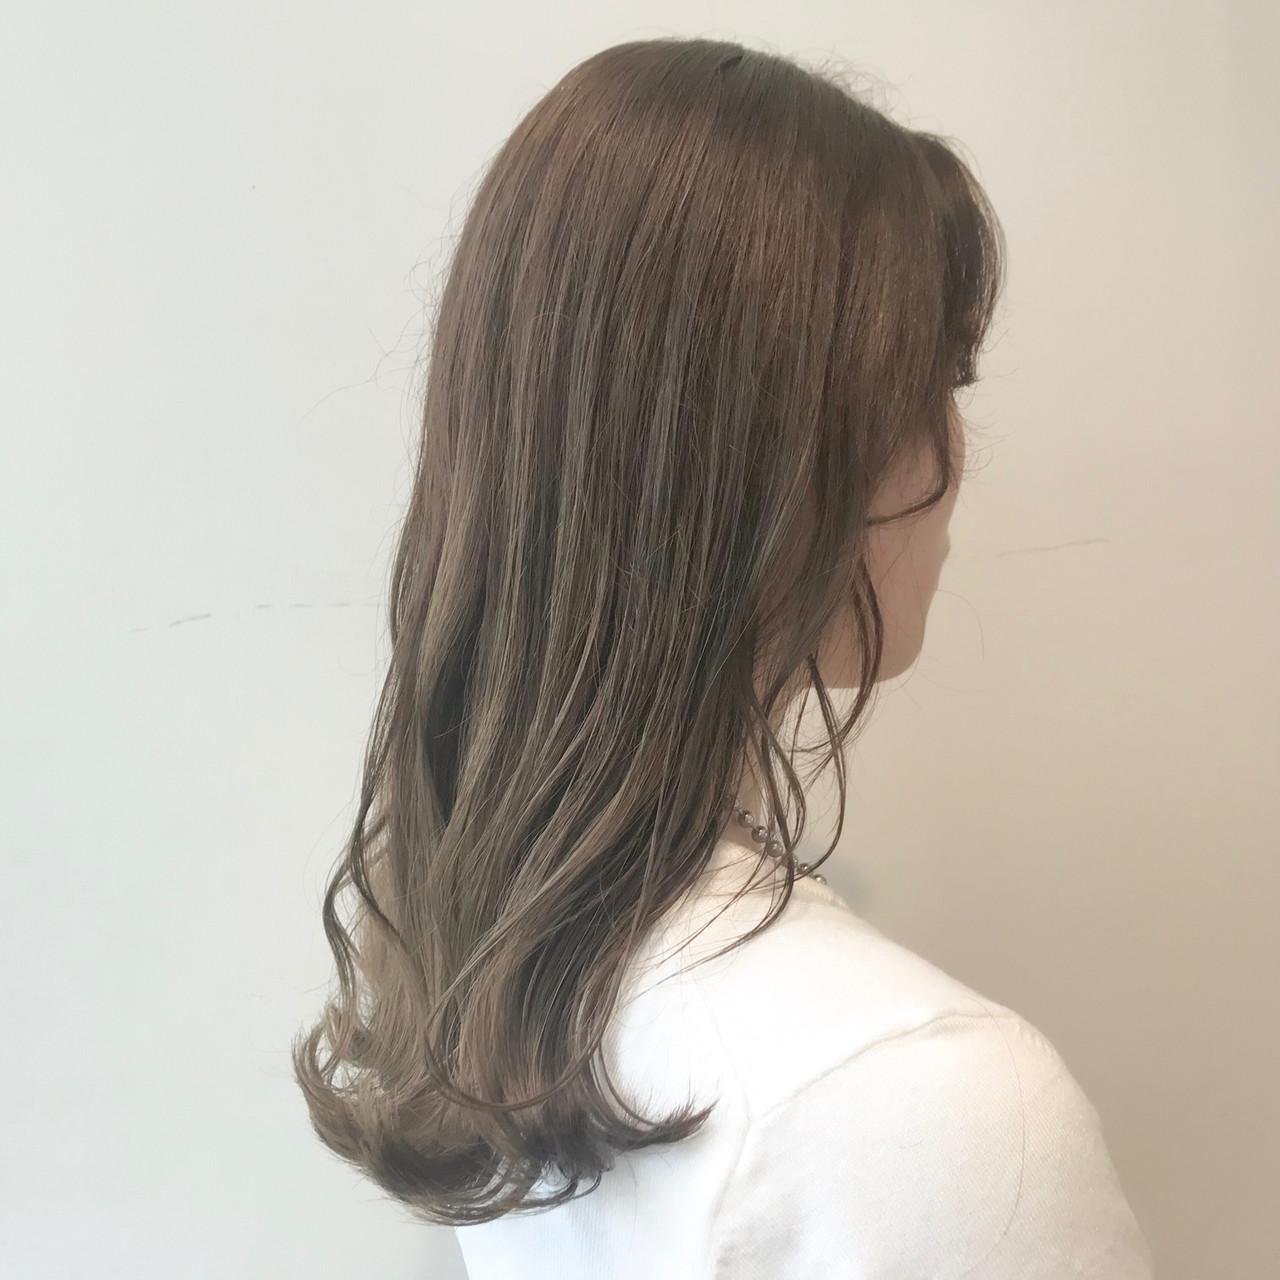 ミルクティーアッシュ ミルクティーグレージュ グラデーションカラー ブリーチなし ヘアスタイルや髪型の写真・画像